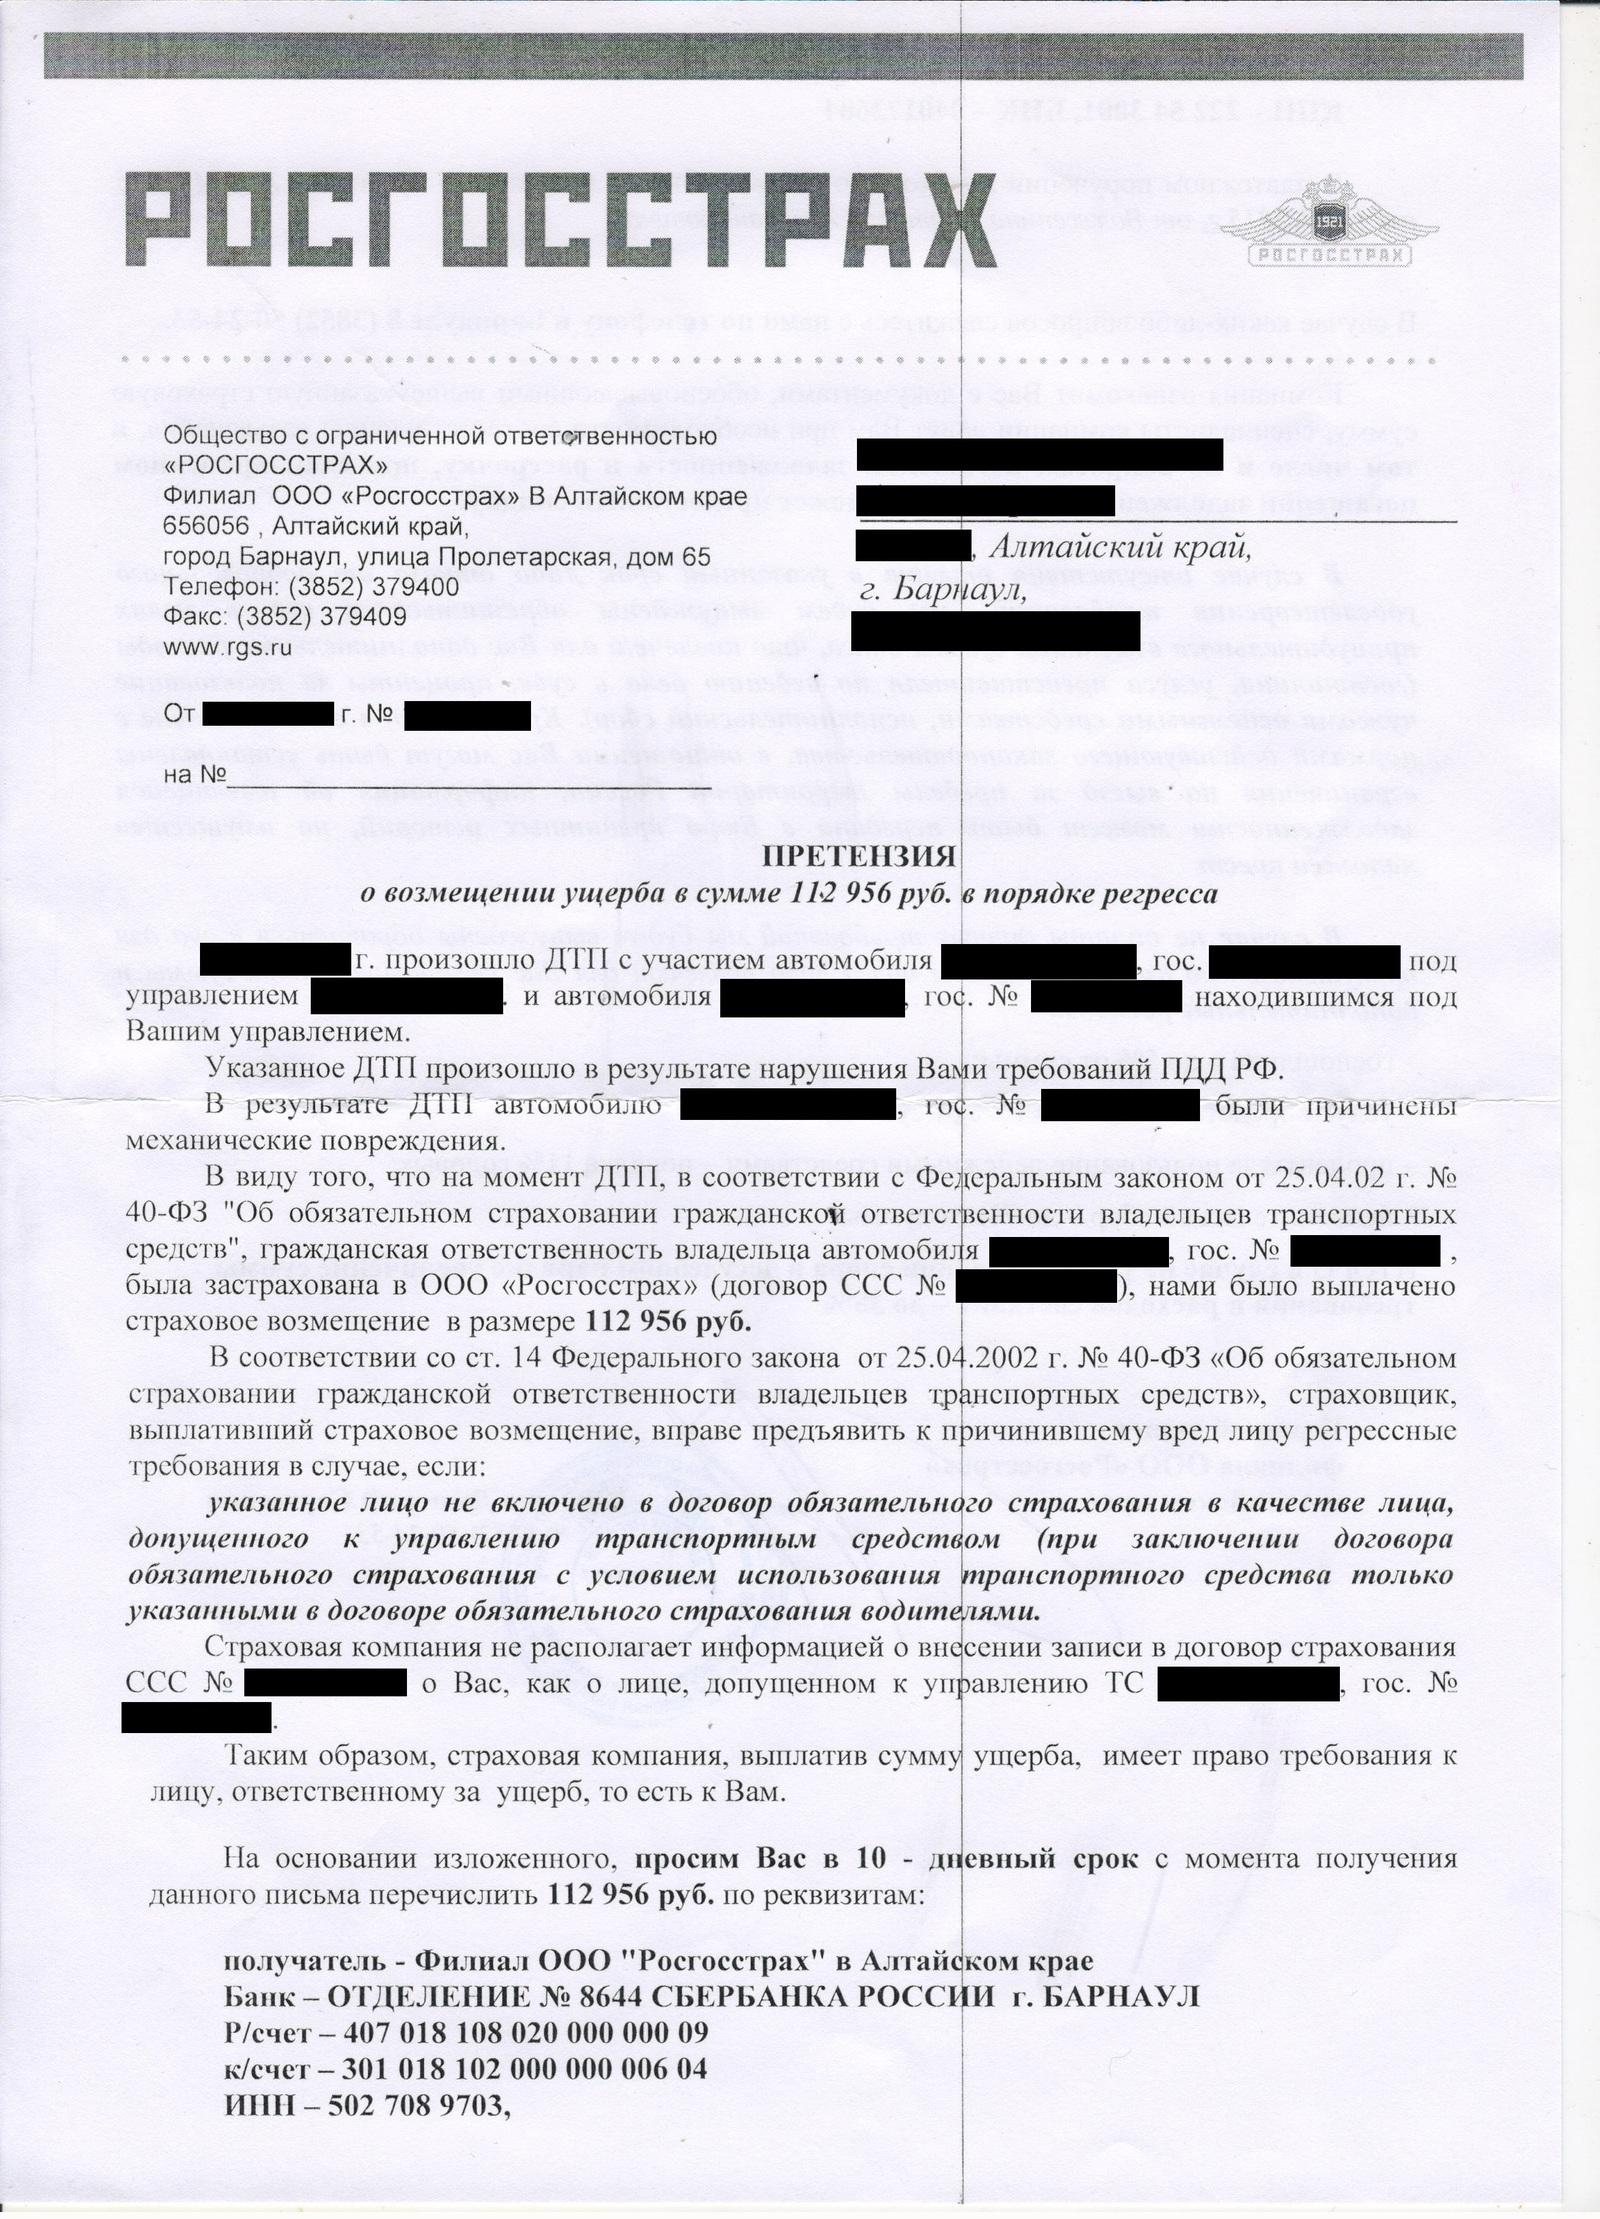 Письмо отказ от гарантийного ремонта